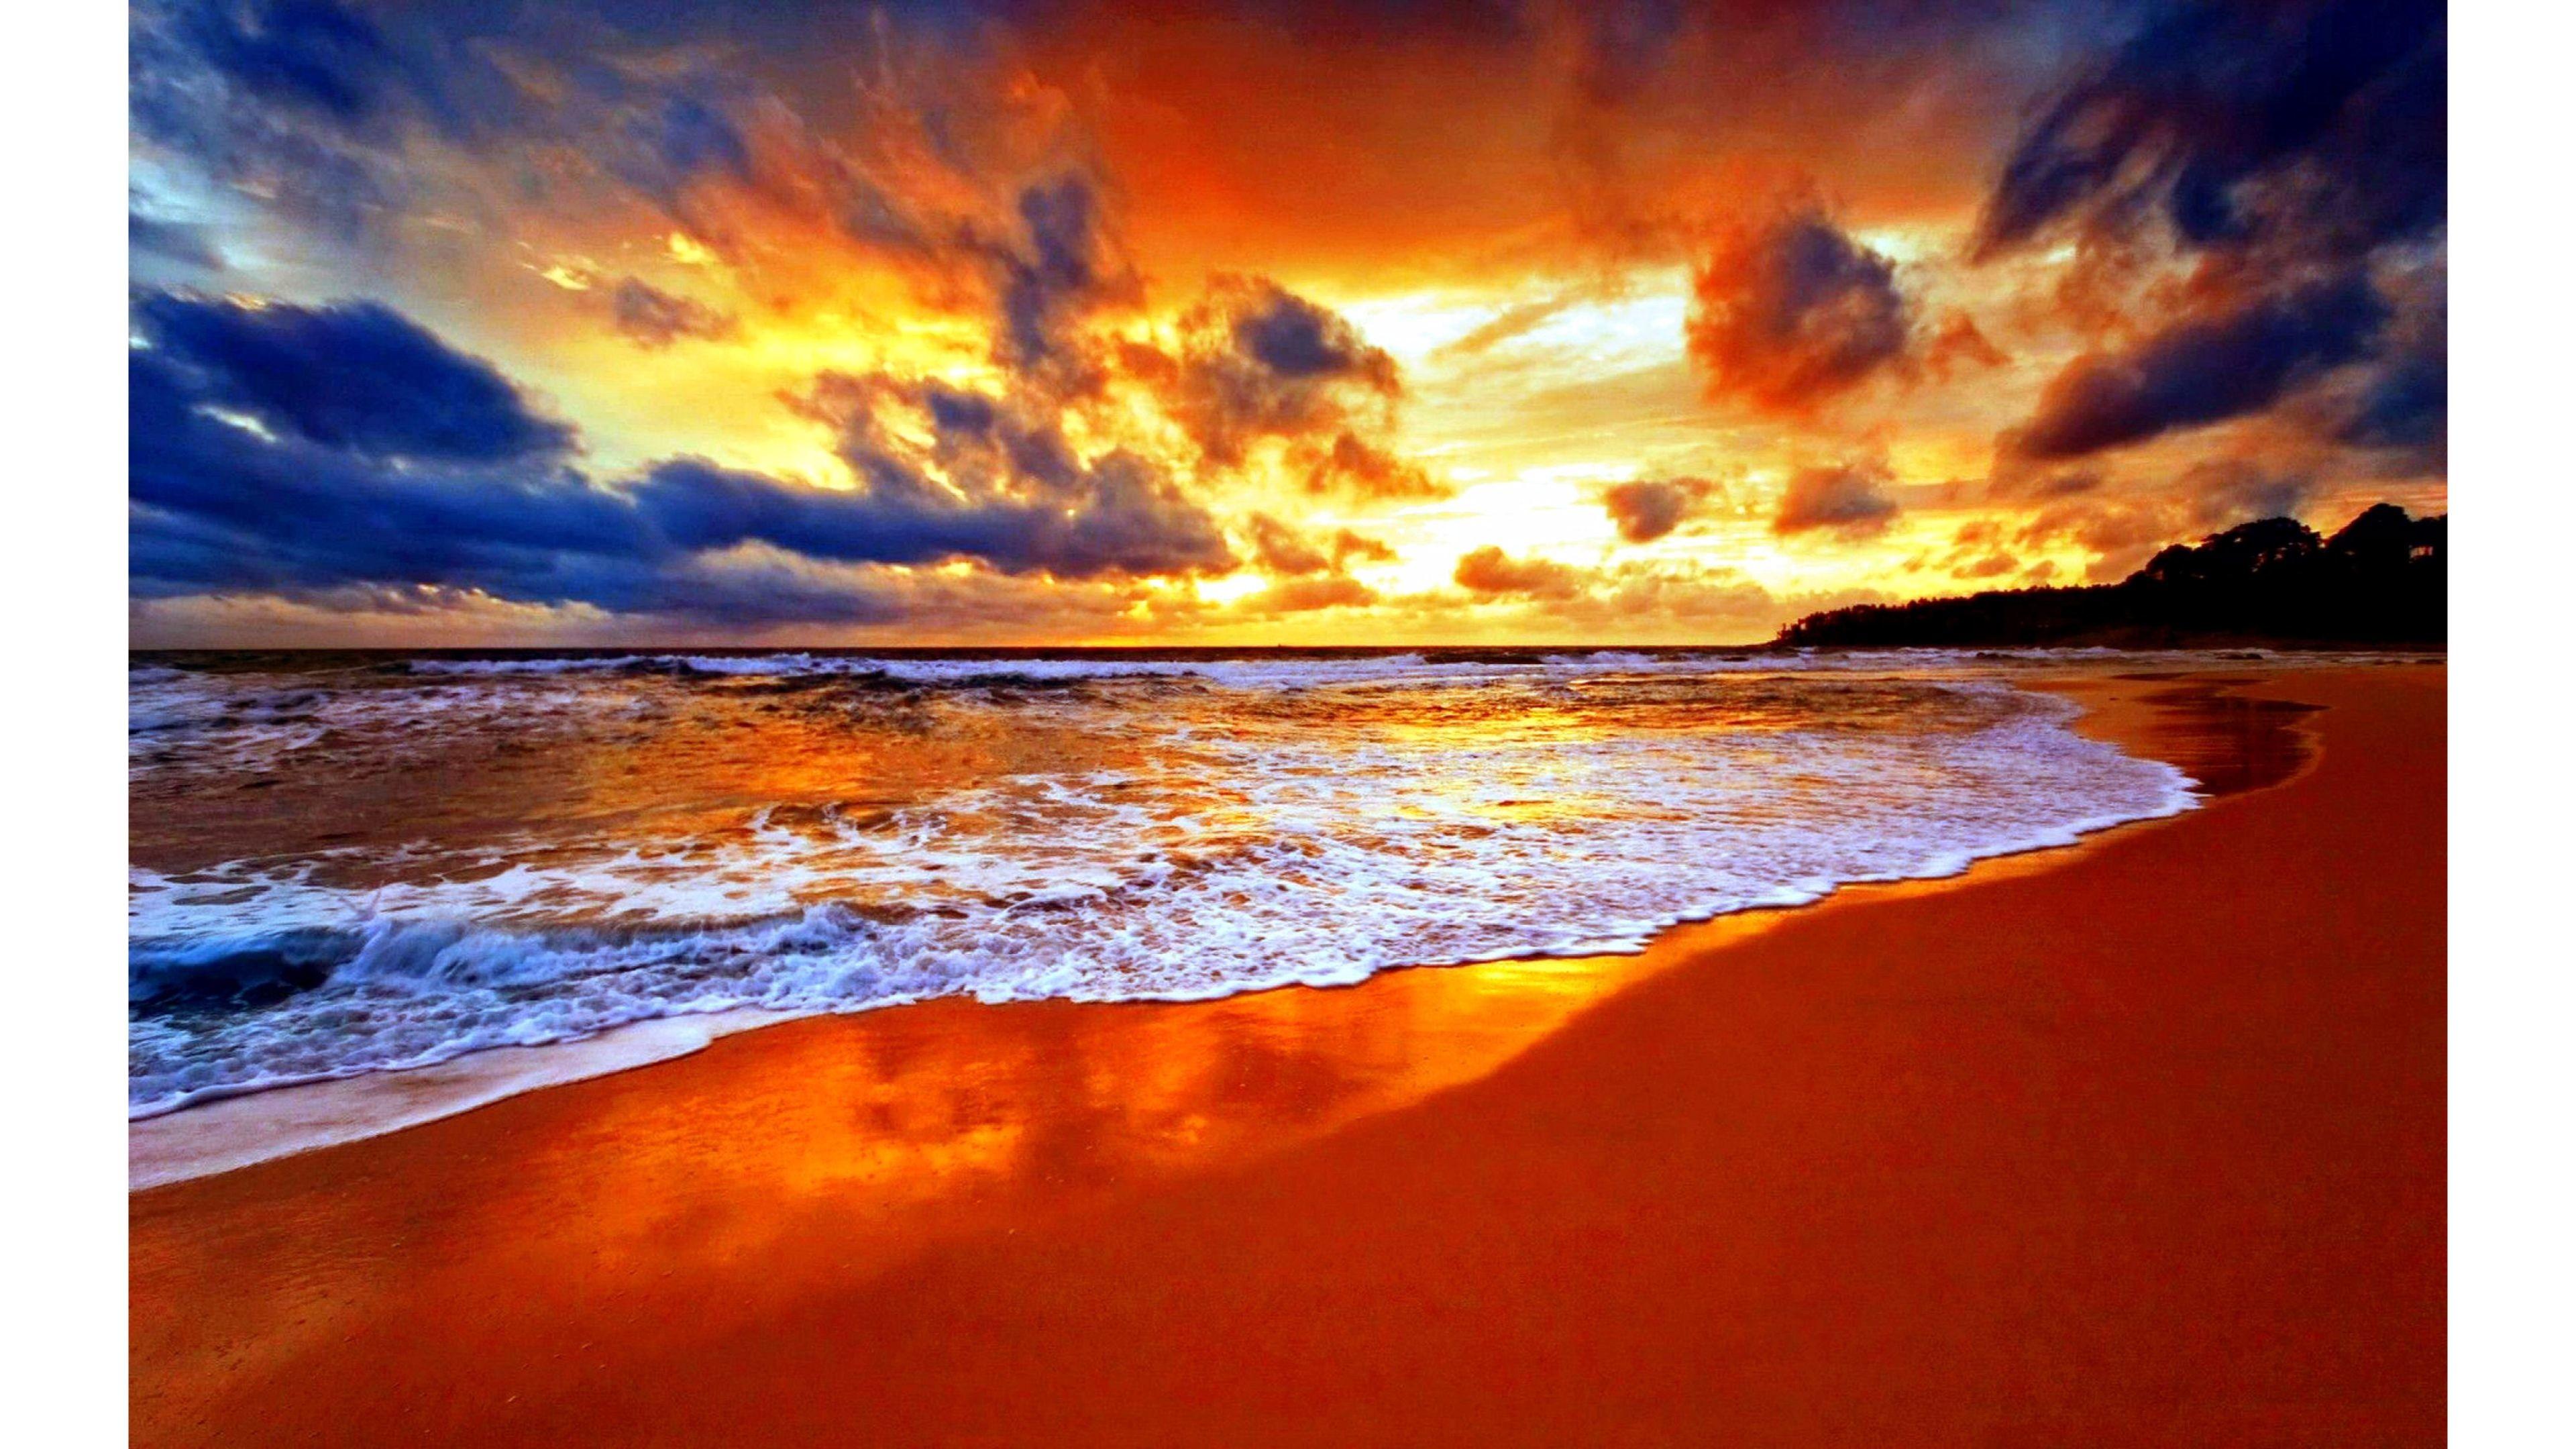 Top Sunset 4k Wallpaper 4k Wallpaper   Data Src Top - Beach Screensavers For Windows 10 - HD Wallpaper